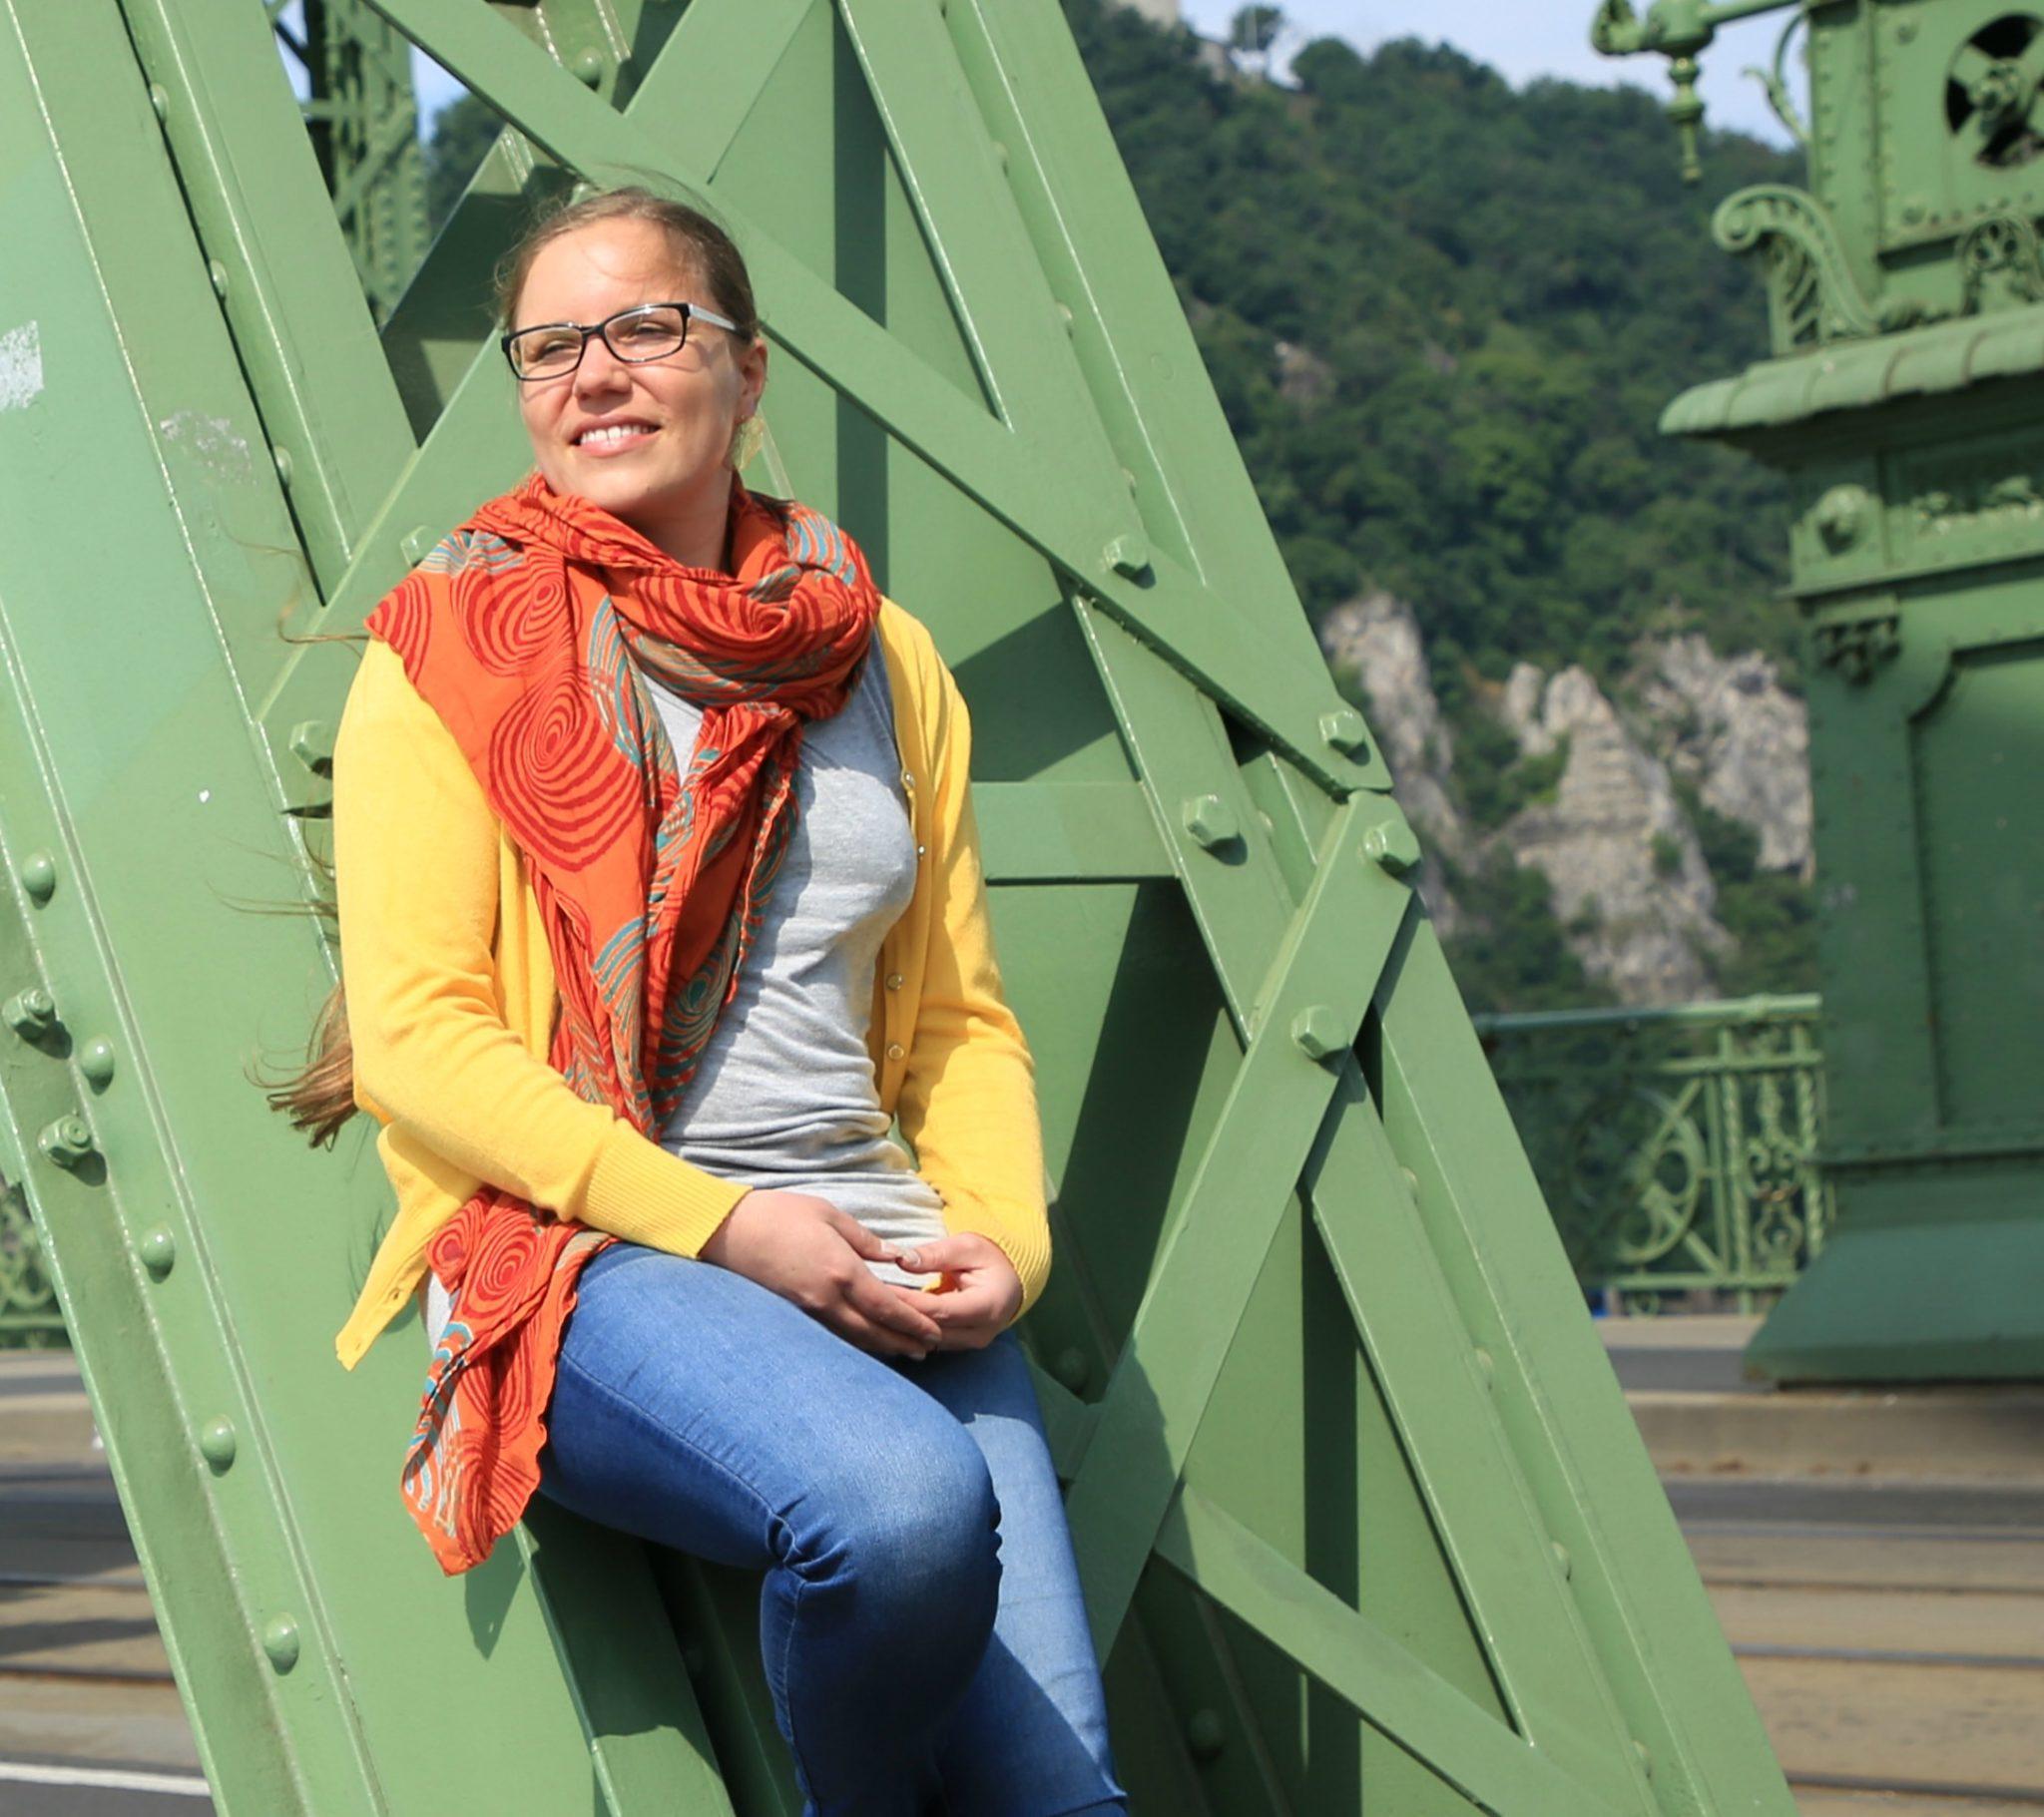 Diplom Psychologe Psychologin Ulrike Duke _ Mosbach 74821 Stressbewältigung Einzelgespräche Psychotherapie Coaching Newsletter